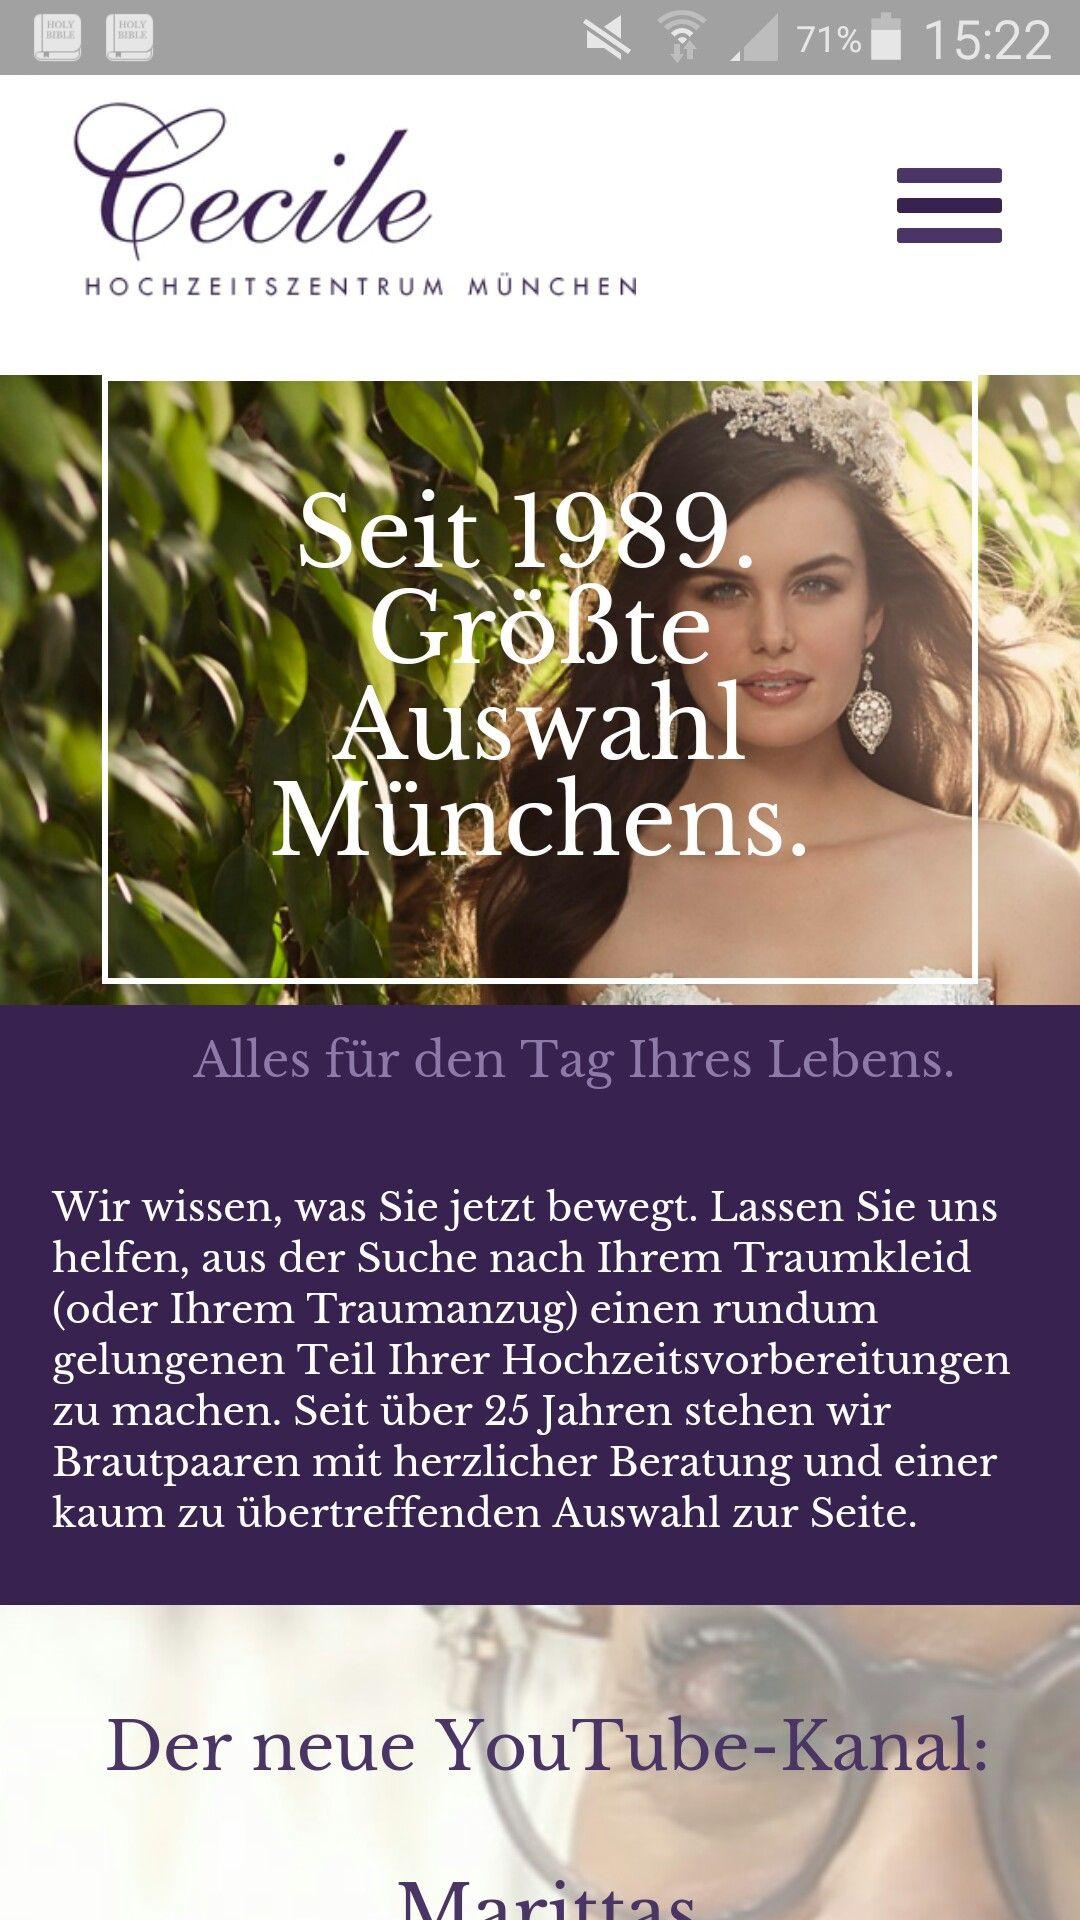 Riesen Brautmodengeschaft Mit Desingerabteilung In Munchen And